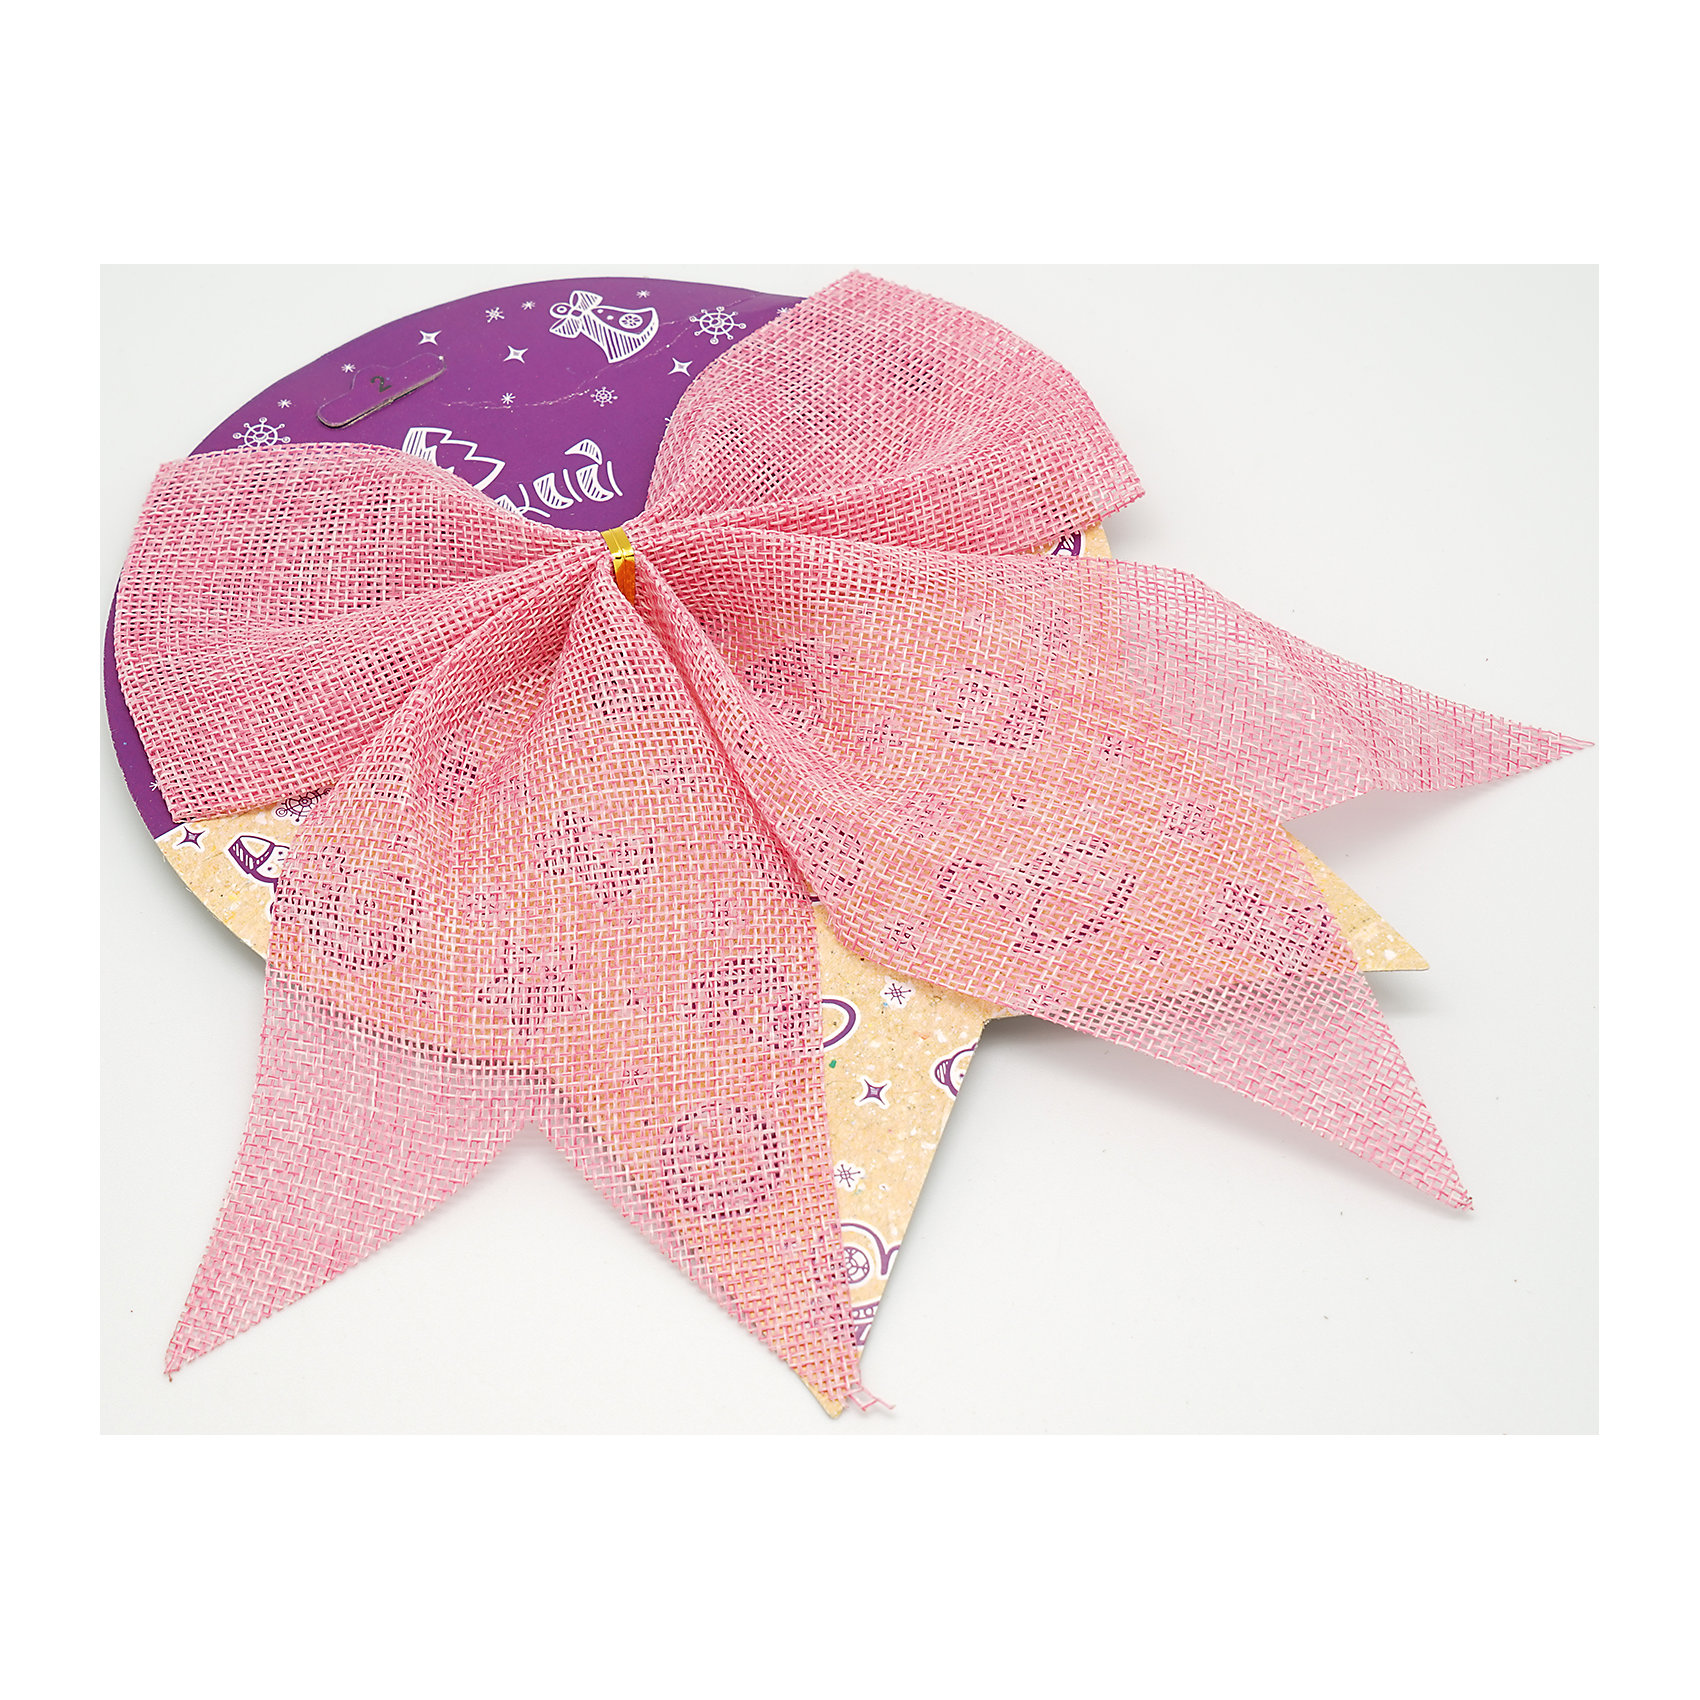 Розовый бант, 17 cvЁлочные игрушки<br>Характеристики товара:<br><br>• цвет: розовый<br>• размер банта: 17 см<br>• размер упаковки: 27х17х1 см<br>• комплектация: 1 шт<br>• материал: нейлон<br>• полупрозрачный<br>• для украшения интерьера или подарков<br>• страна производства: Китай<br><br>Бант - это универсальное украшение, он добавит торжественности и духа праздника прическе, интерьеру, подарочной упаковке, ёлке! Это украшение будет отлично смотреться в окружении любой цветовой гаммы, оно качественно выполнено и нарядно смотрится. С помощью такого банта можно оригинально украсить квартиру к празднику и декорировать пакет или коробку с подарком.<br>Такие небольшие детали и создают праздник! От них во многом зависит хорошее новогоднее настроение. Изделие производится из качественных сертифицированных материалов, безопасных даже для самых маленьких.<br><br>Бант из ткани розовый 1 штука (0,27Х0,17Х0,01 м) можно купить в нашем интернет-магазине.<br><br>Ширина мм: 290<br>Глубина мм: 170<br>Высота мм: 10<br>Вес г: 50<br>Возраст от месяцев: 72<br>Возраст до месяцев: 480<br>Пол: Унисекс<br>Возраст: Детский<br>SKU: 5051631